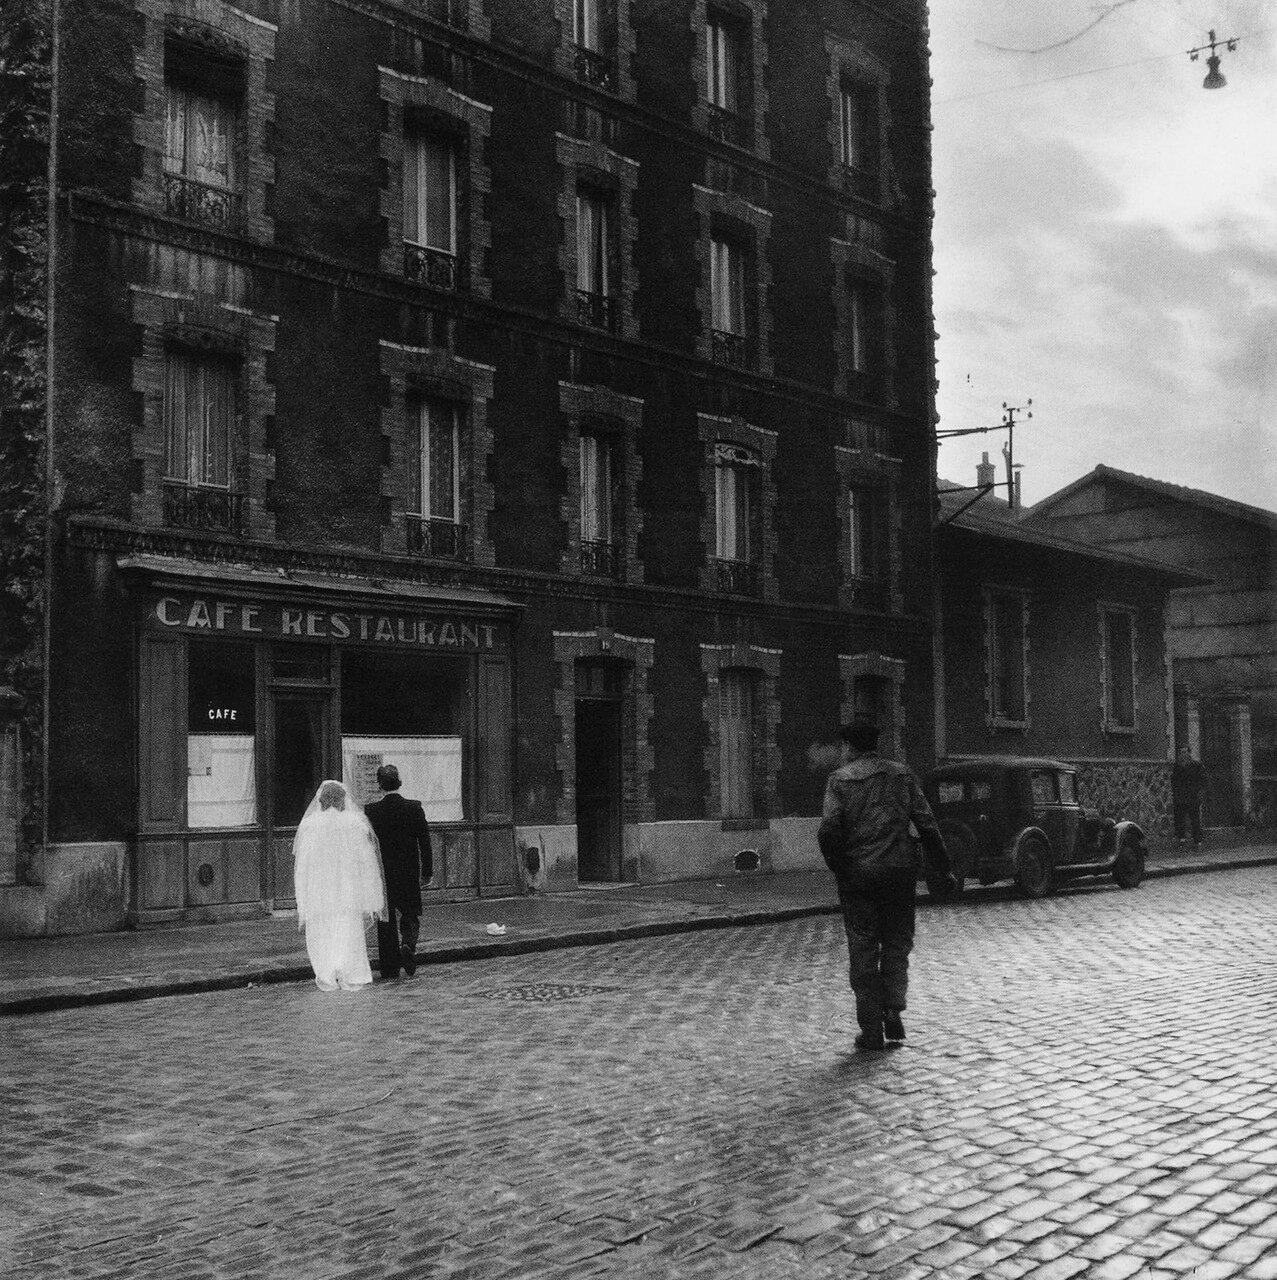 1945. Скромно и интимно. Улица Марселин Бертелот